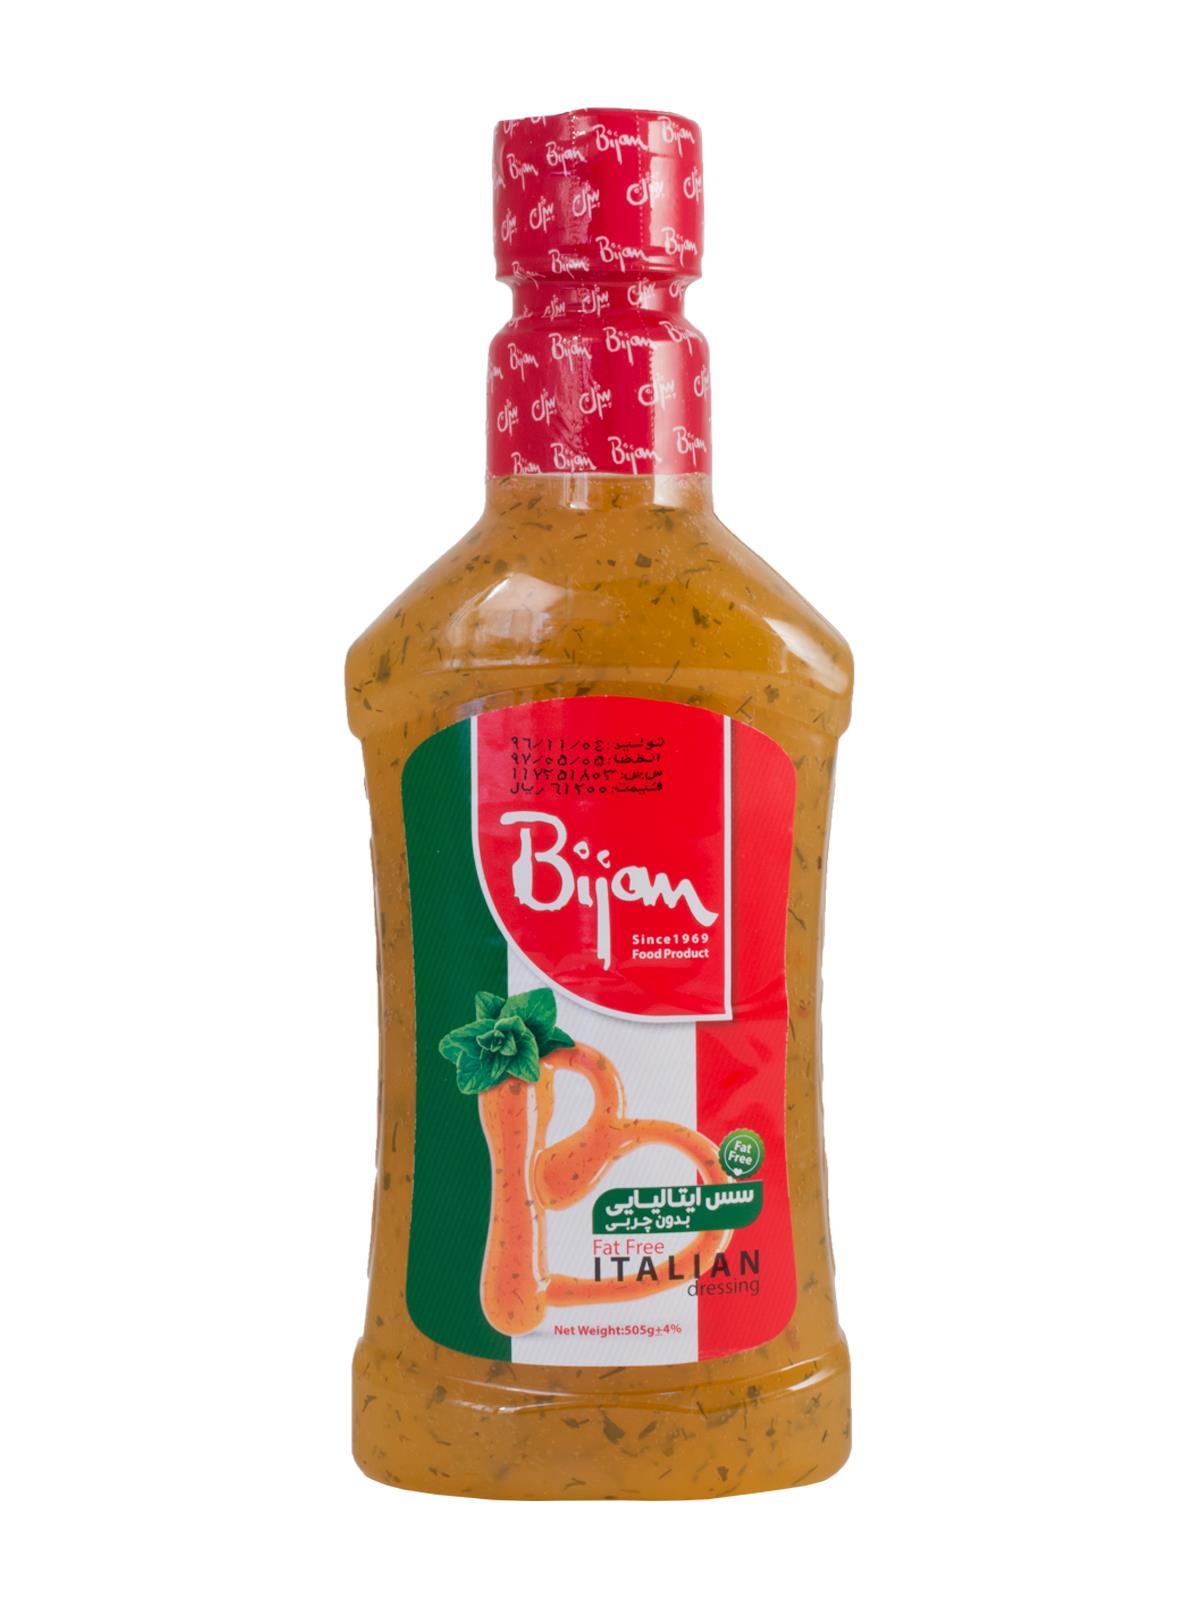 سس ایتالیایی بیژن بدون چربی 505 گرم